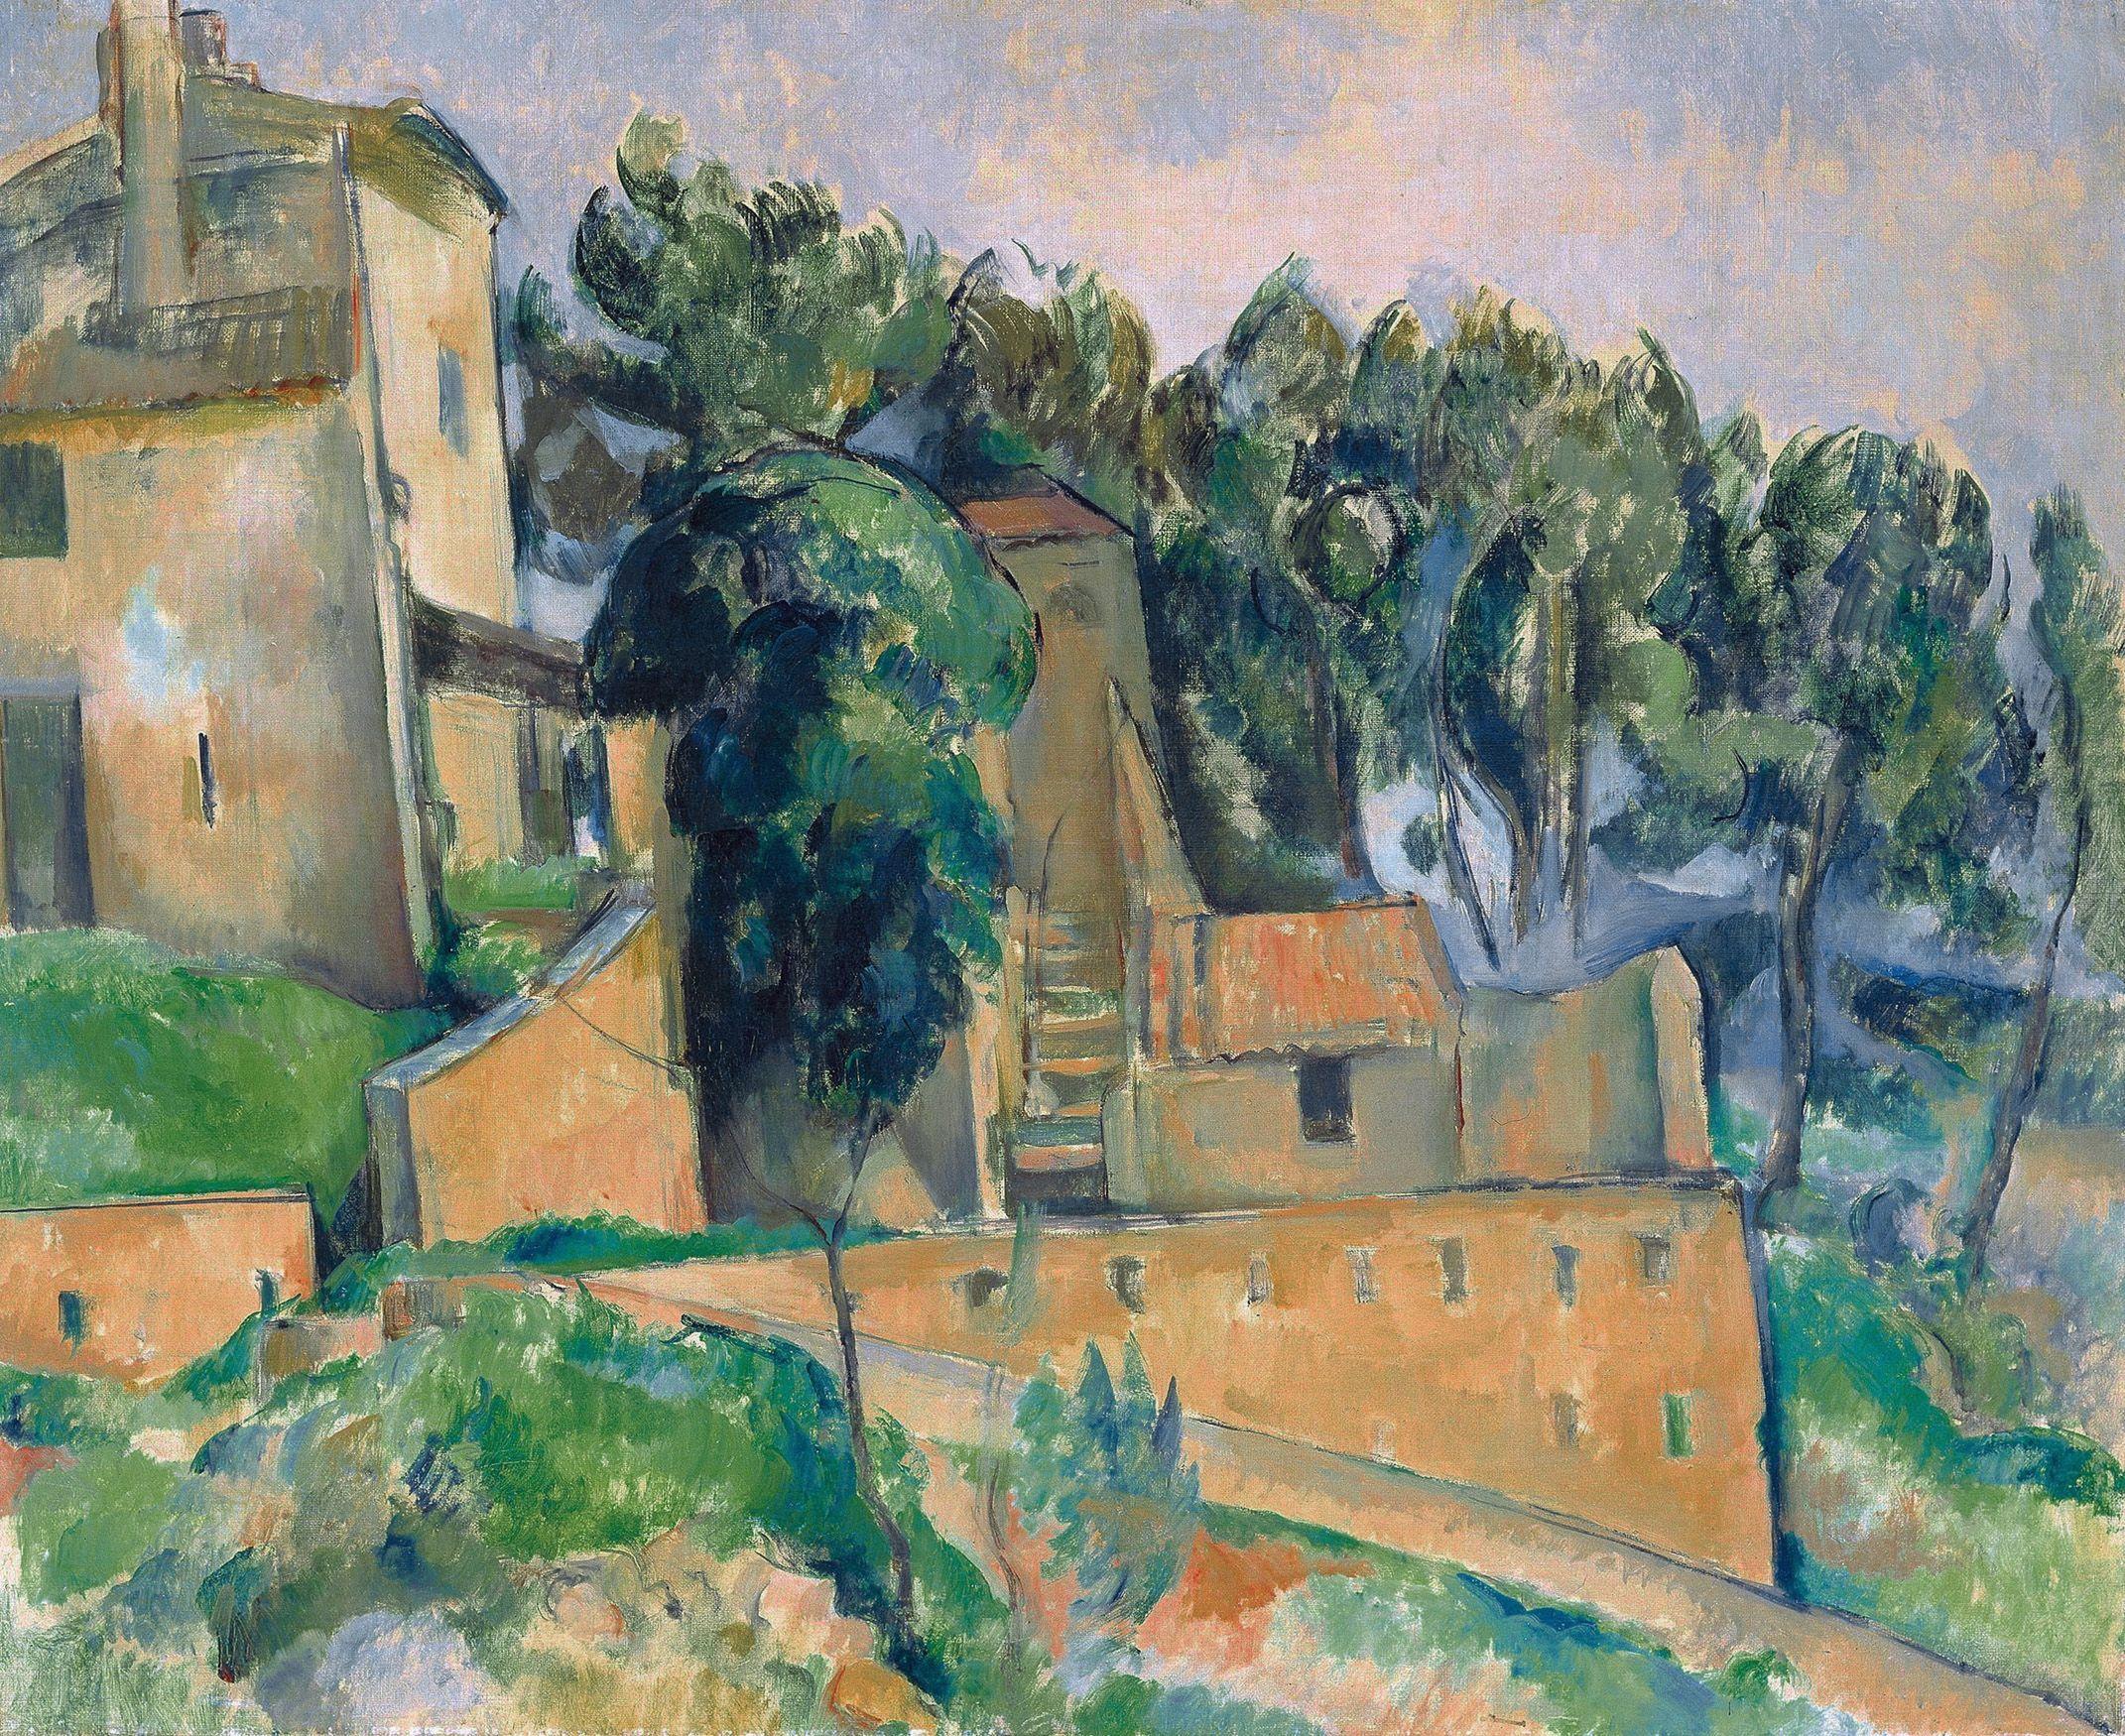 36  Typiquement la collection Meilleur jamais de Maison De La Peinture